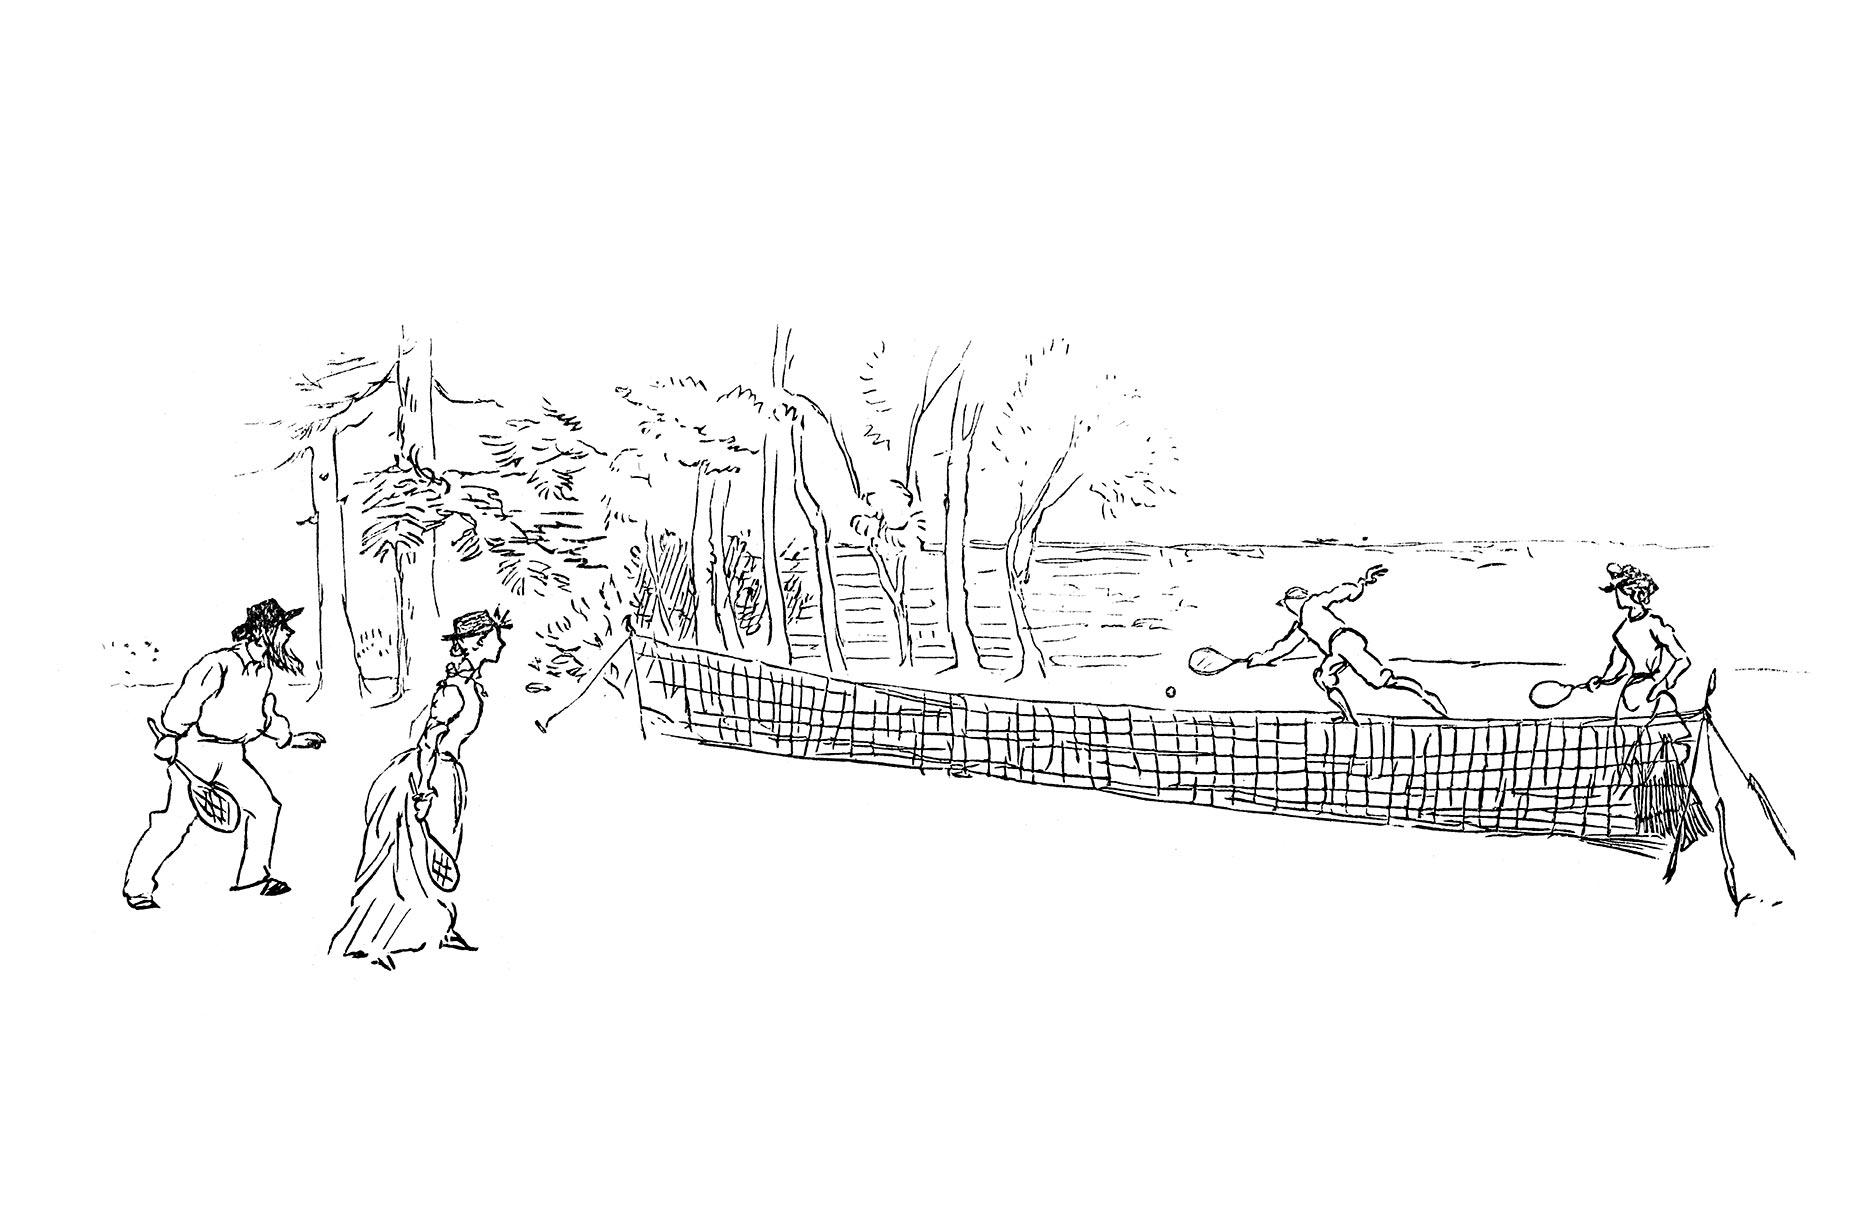 historiek_tekening_1920